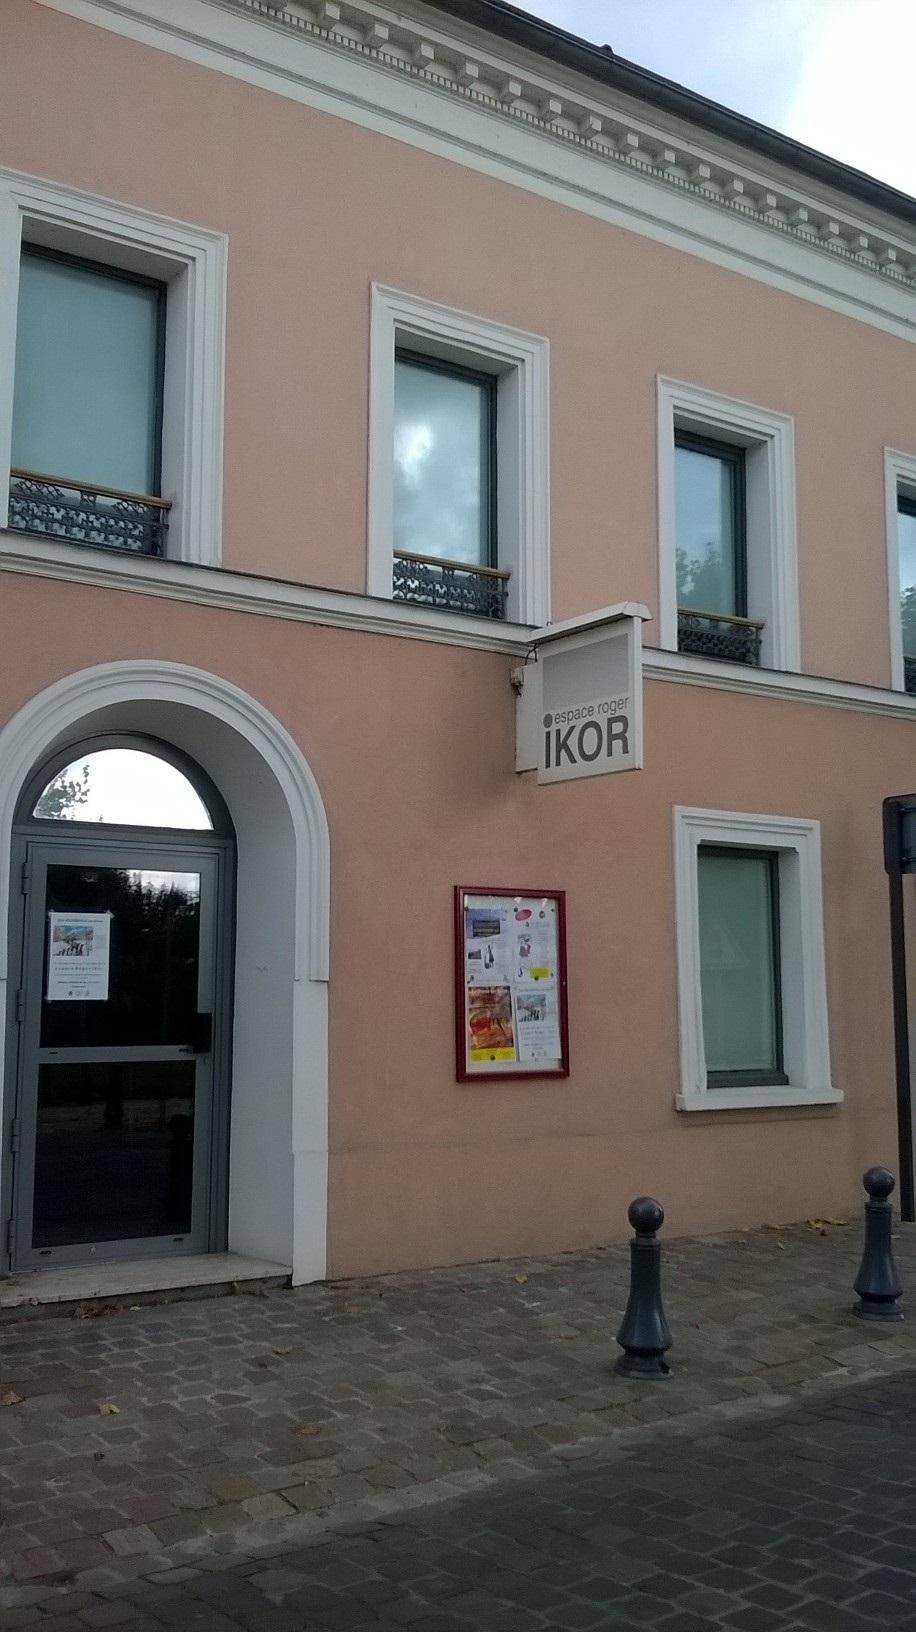 ESPACE ROGER IKOR